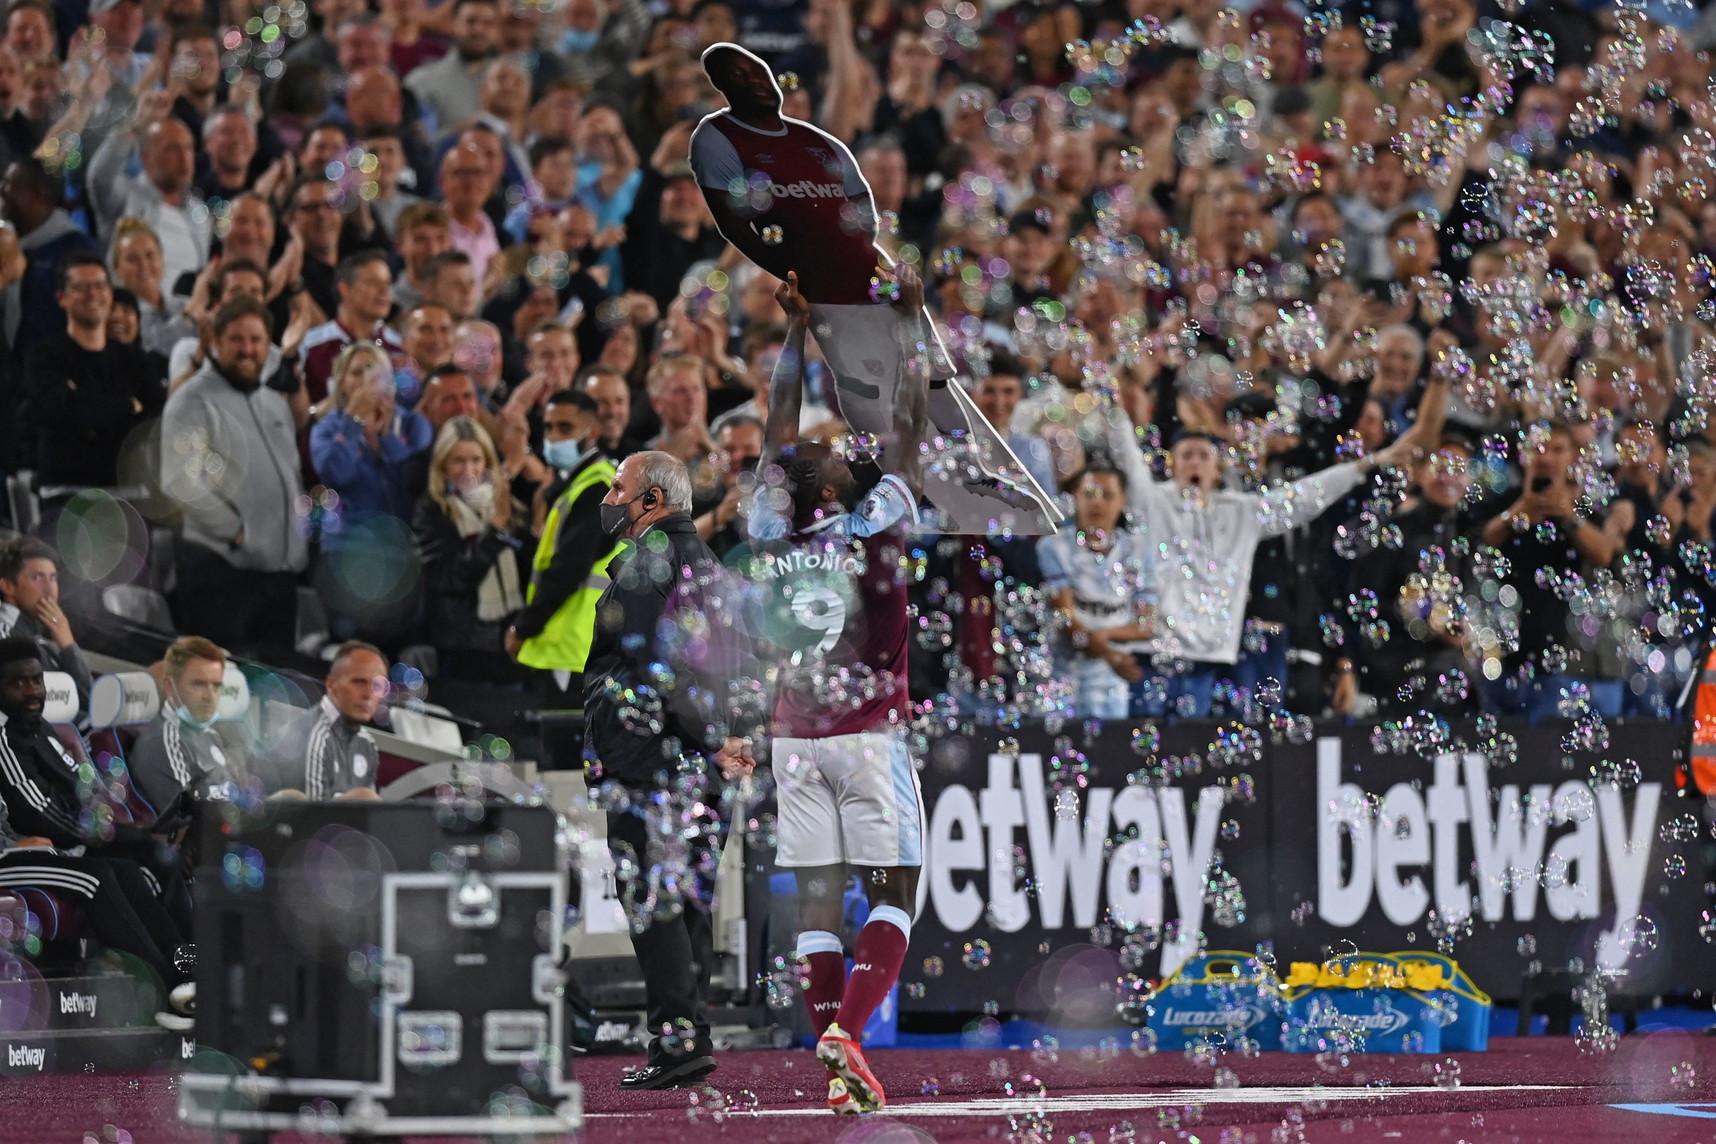 Michail Antonio, attaccante del West Ham, ieri decisivo contro il Leicester: la doppietta che ha consentito di vincere 4-1 la partita lo ha proiettato al primo posto della classifica all-time dei marcatori degli Hammers&nbsp;in Premier League. Quarantanove le reti del classe 1990 contro le 47 di Paolo Di Canio, che deteneva il precedente record: Antonio ha festeggiato baciando il suo cartonato che ha trovato a bordocampo.<br /><br />